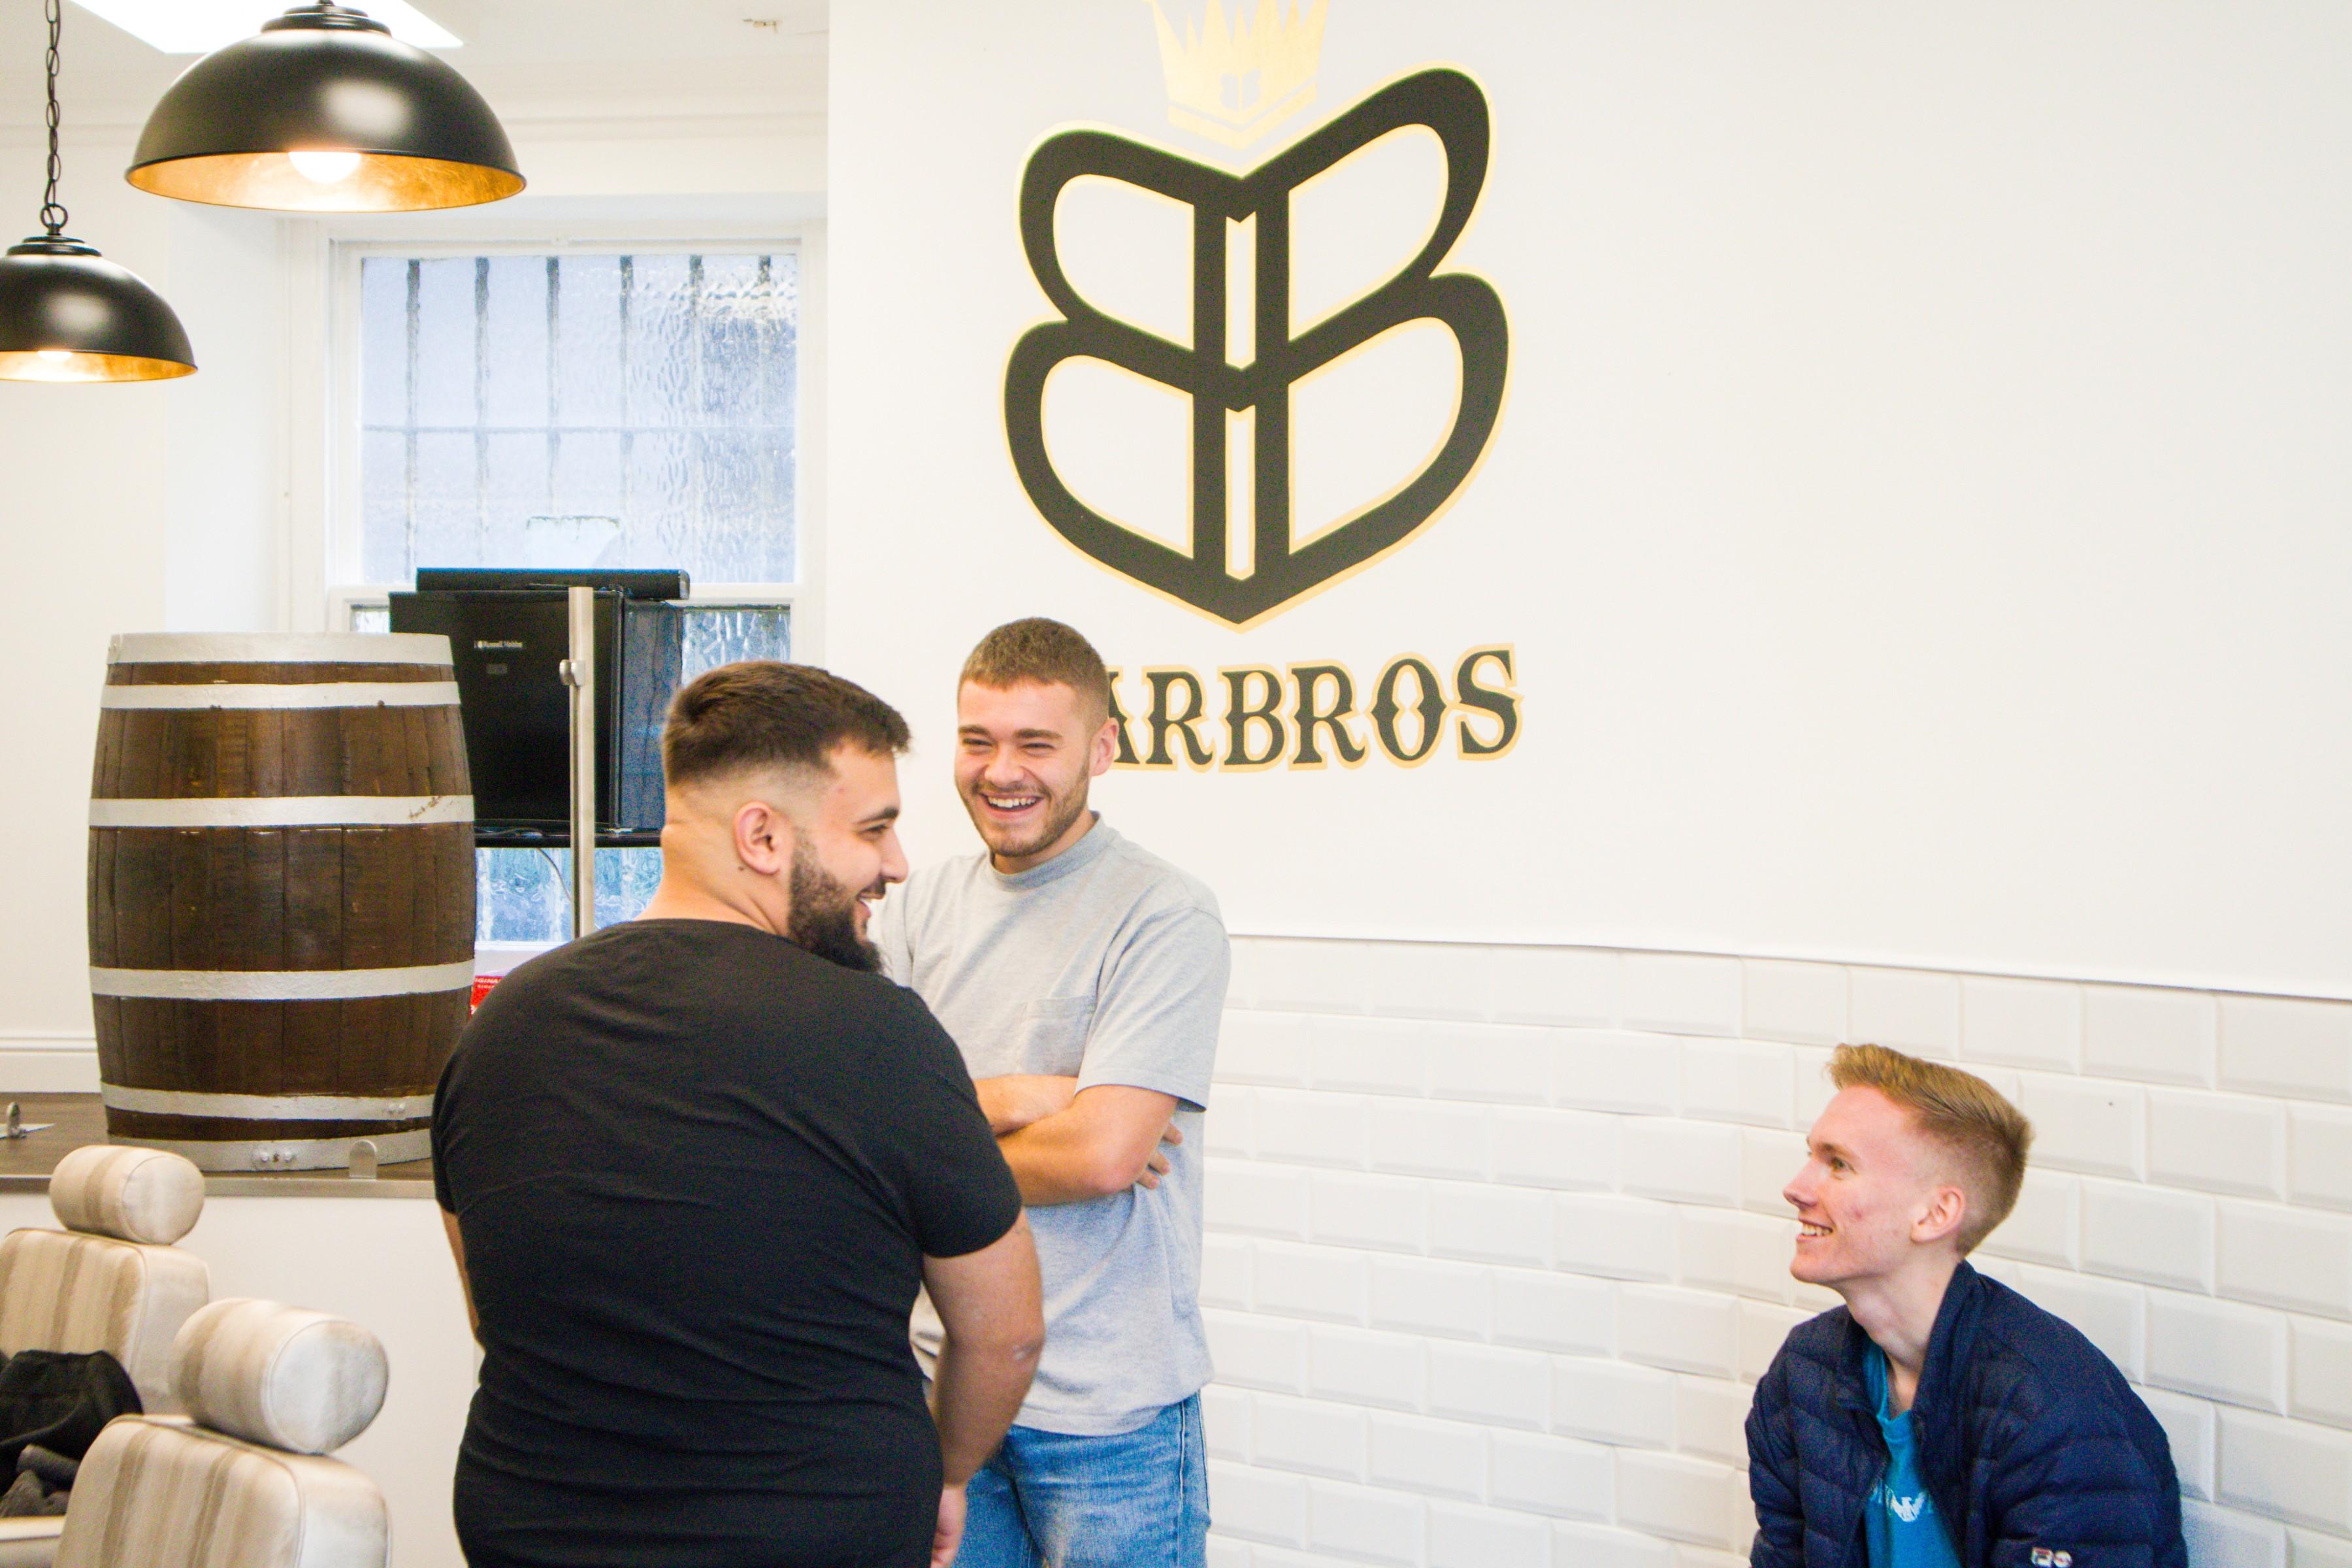 Barbros Edinburgh